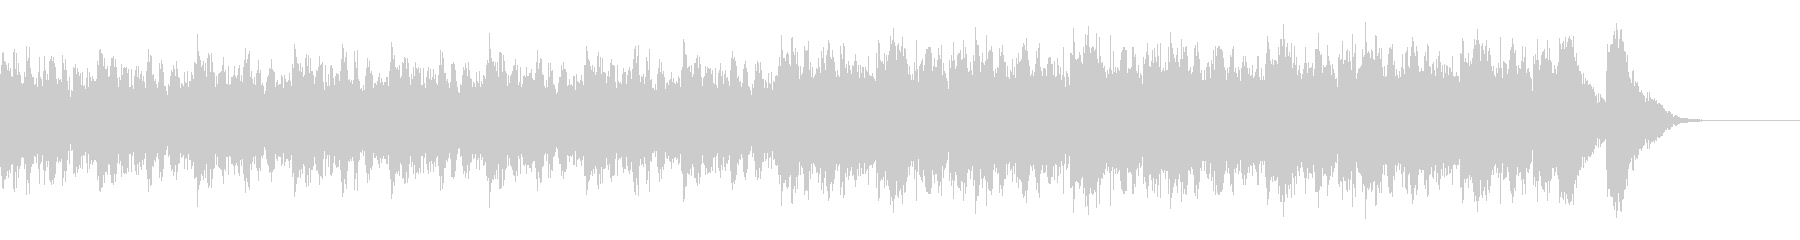 緊迫感 オーケストラ2の未再生の波形